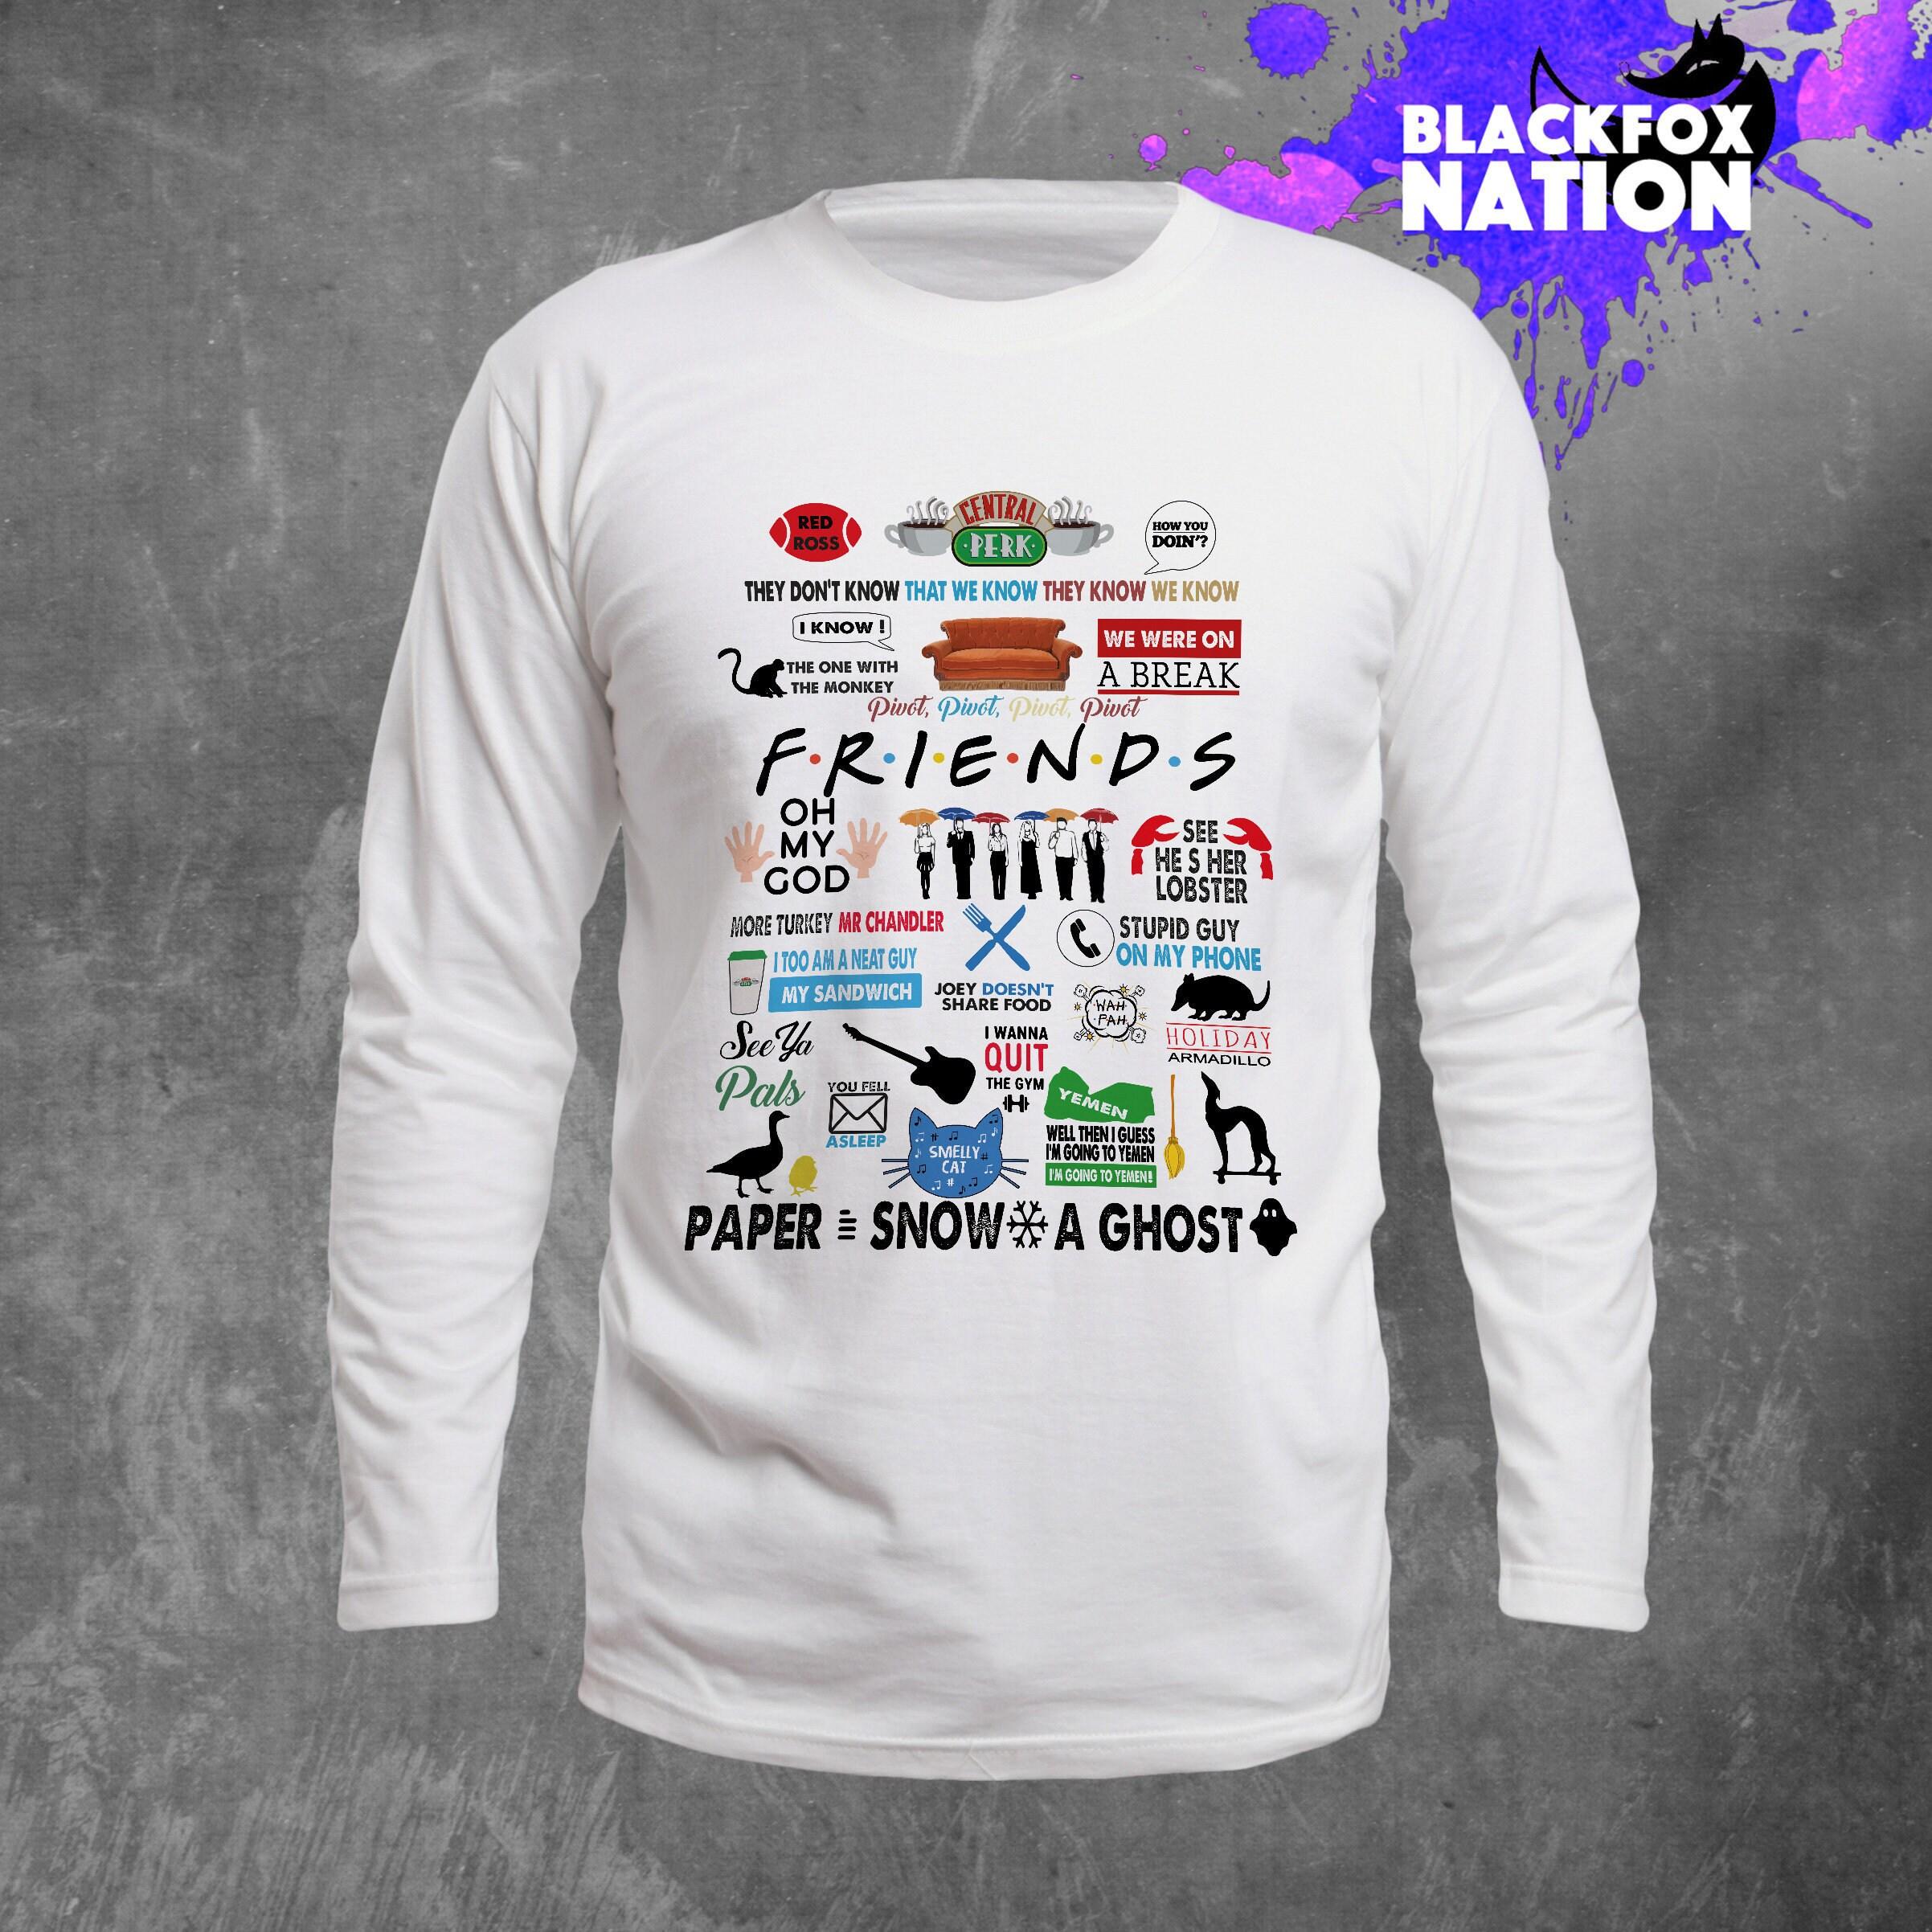 Amis TV show Long T-shirt Sleeve T-shirt Long amis TV Unisexe Vêtements comment vous fais Long Manche longues manches Joey chemise 90 s chemise BF1080 idée cadeau 70f0c5